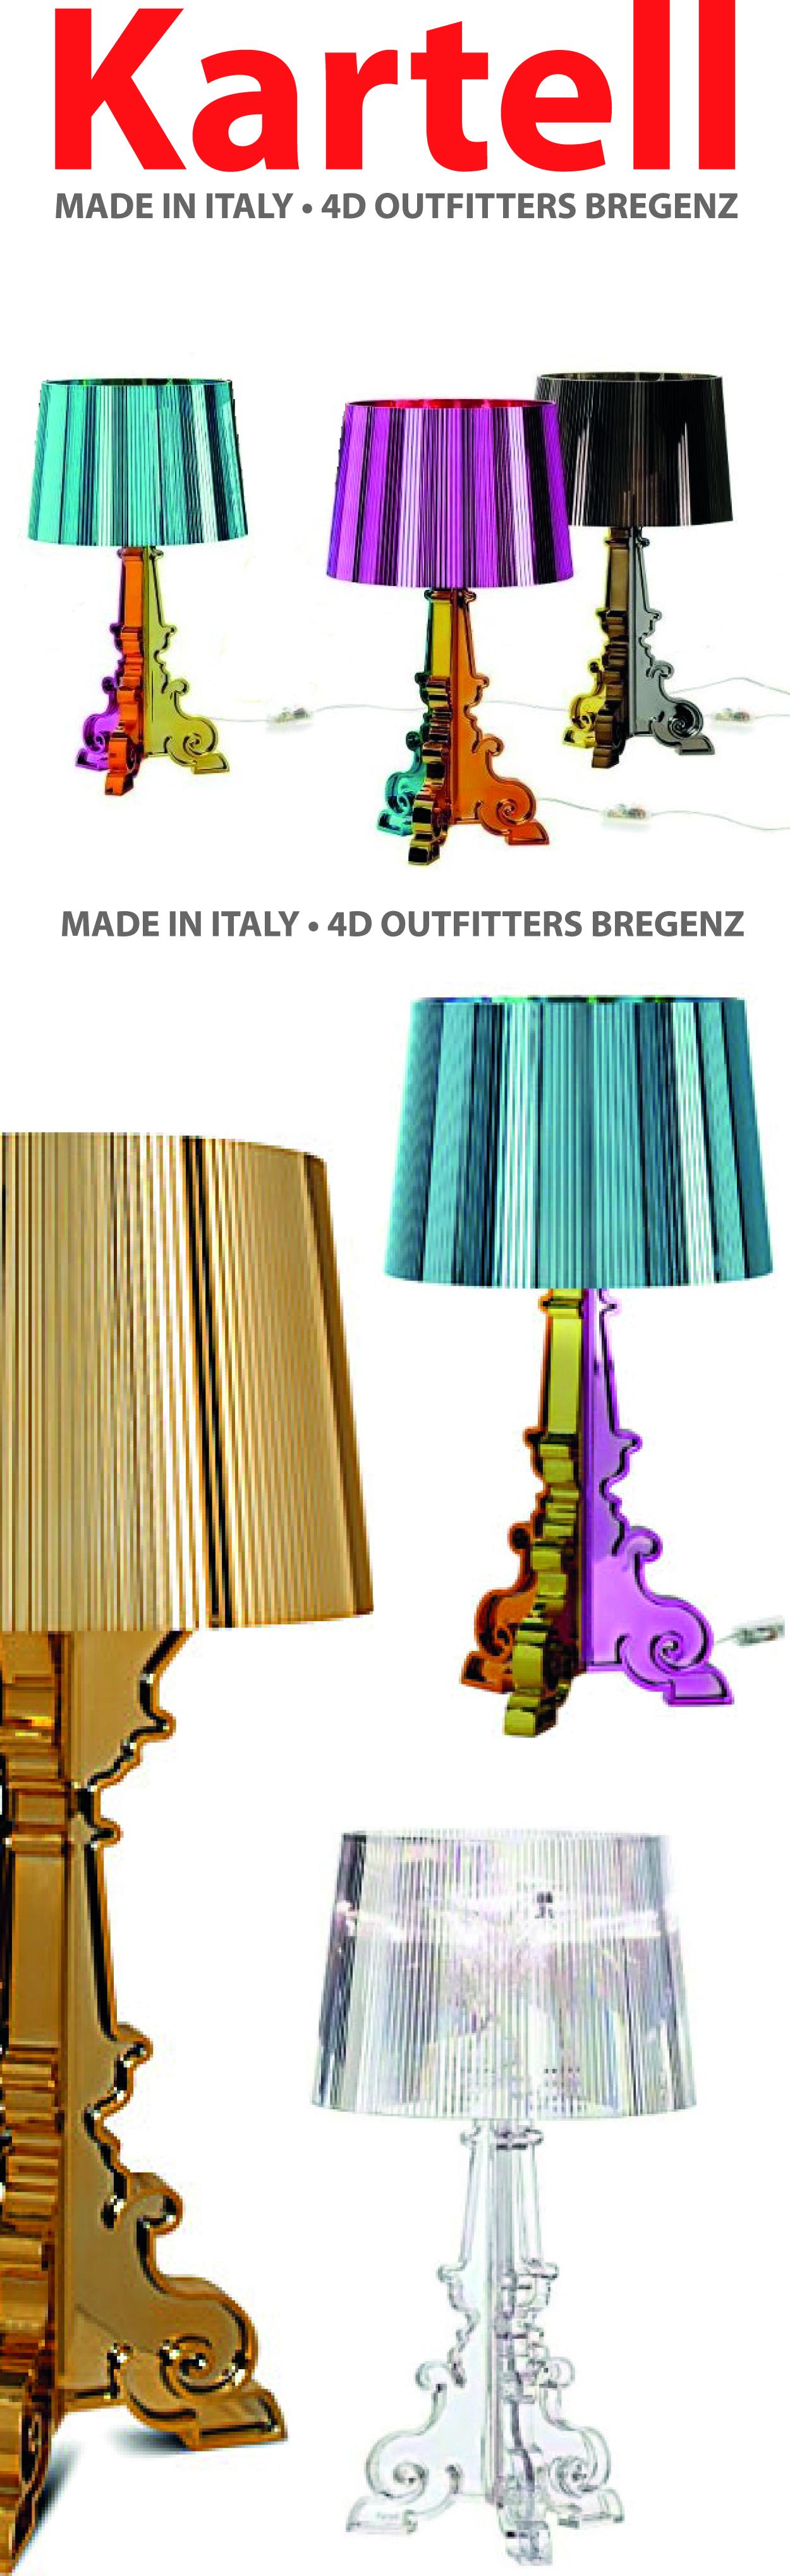 Die Bourgie Tischlampe wurde von Ferrucico Laviani 2004 für Kartell entworfen. Die revolutionäre Neuerung dieser Tischleuchte besteht darin, dass sie vollständig aus transparentem oder durchgefärbtem Polykarbonat hergestellt ist. Auf der einen Seite haben wir hier Klassizität, Luxus und Tradition, auf der anderen Innovation, Transparenz und eine gewisse Keckheit.    Erhältlich sind die Bourgie Tischleuchten von Kartell in verschiedenen Farbtönen.    Preis ab 222€    http://www.4dbregenz.at